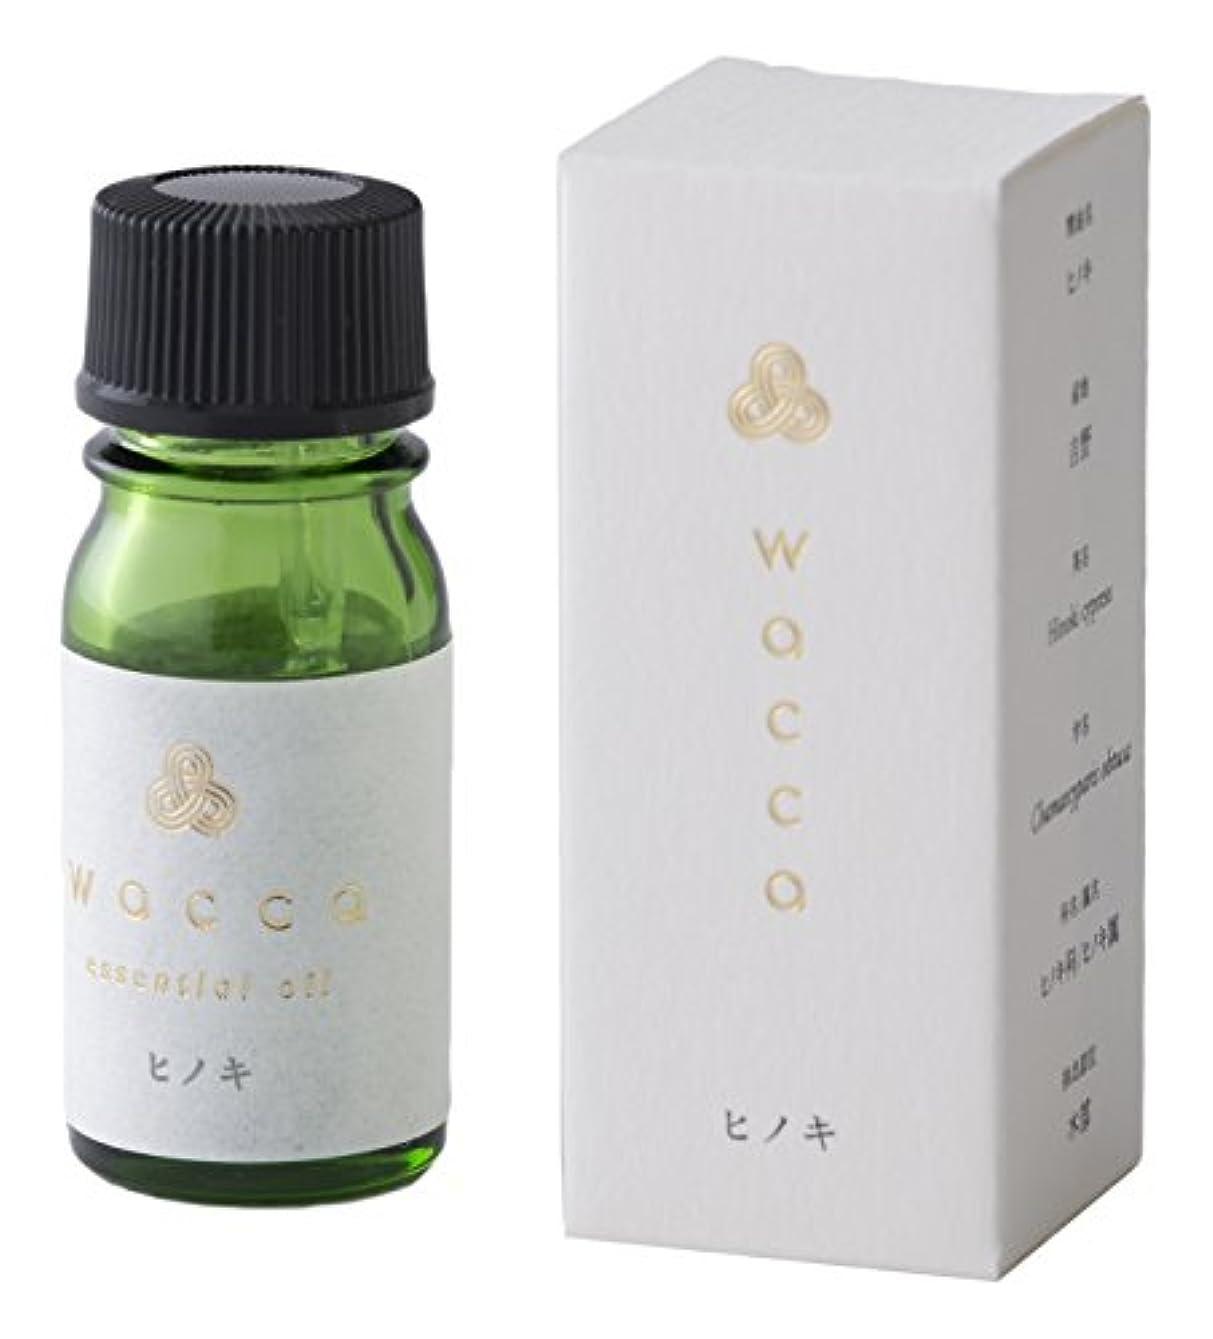 亡命数学探偵wacca ワッカ エッセンシャルオイル 5ml 檜 ヒノキ Hinoki cypress essential oil 和精油 KUSU HANDMADE